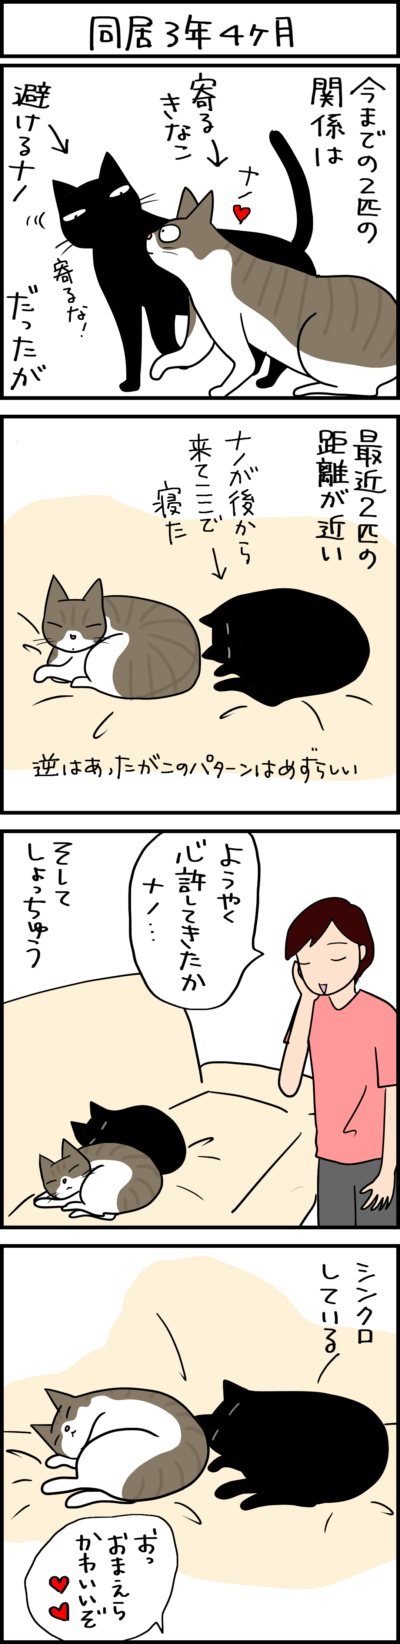 シンクロする猫の4コマ猫まんが